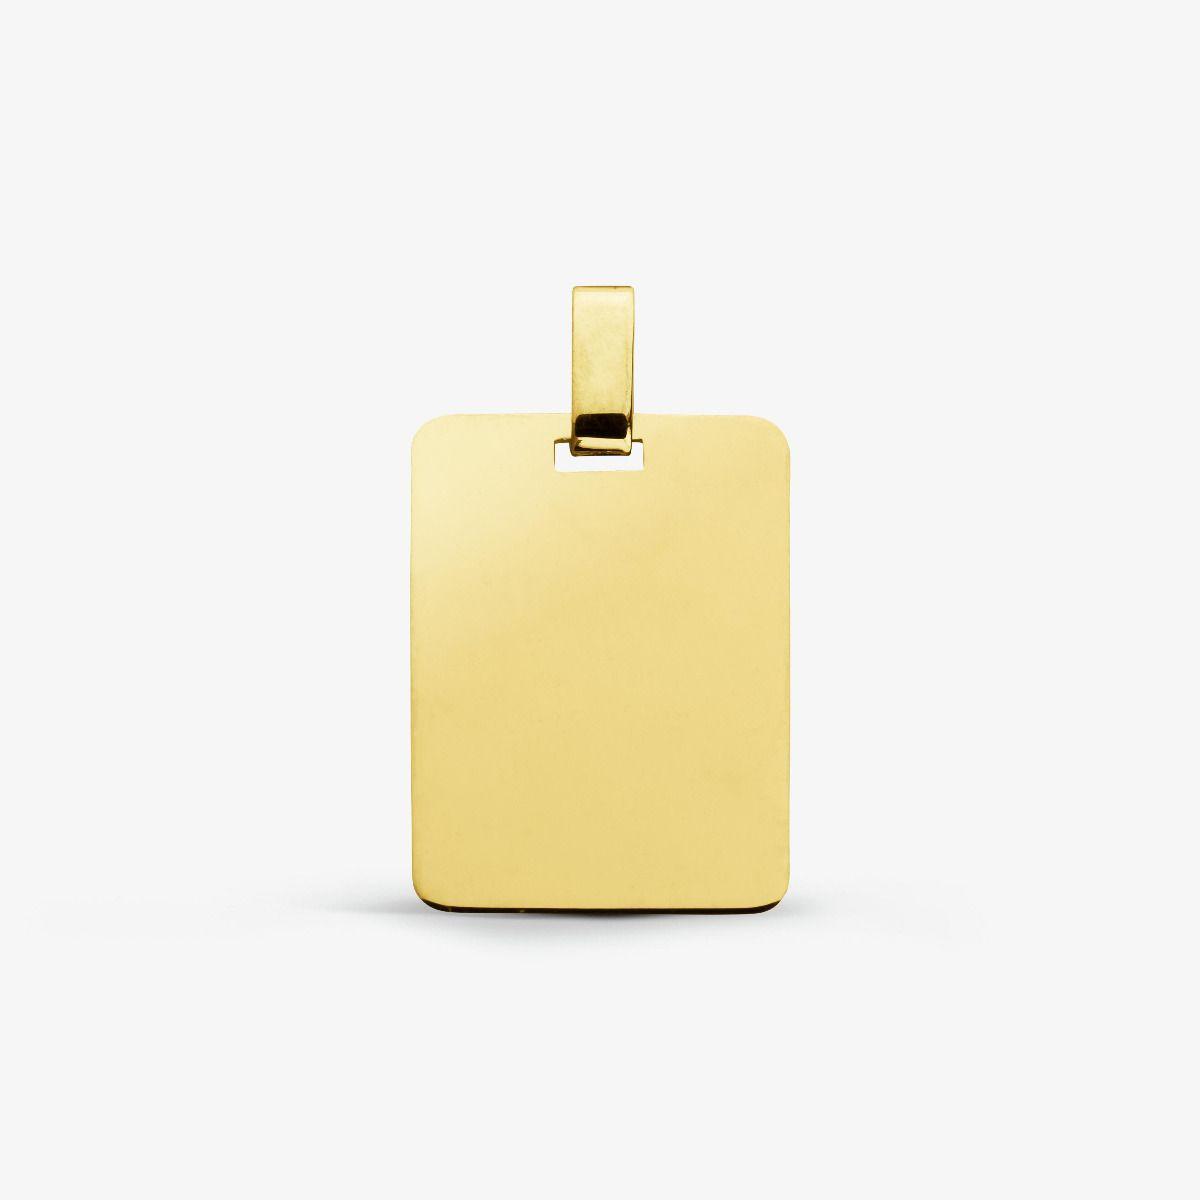 Médaille rectangulaire en Or jaune 18 carats - 19 mm